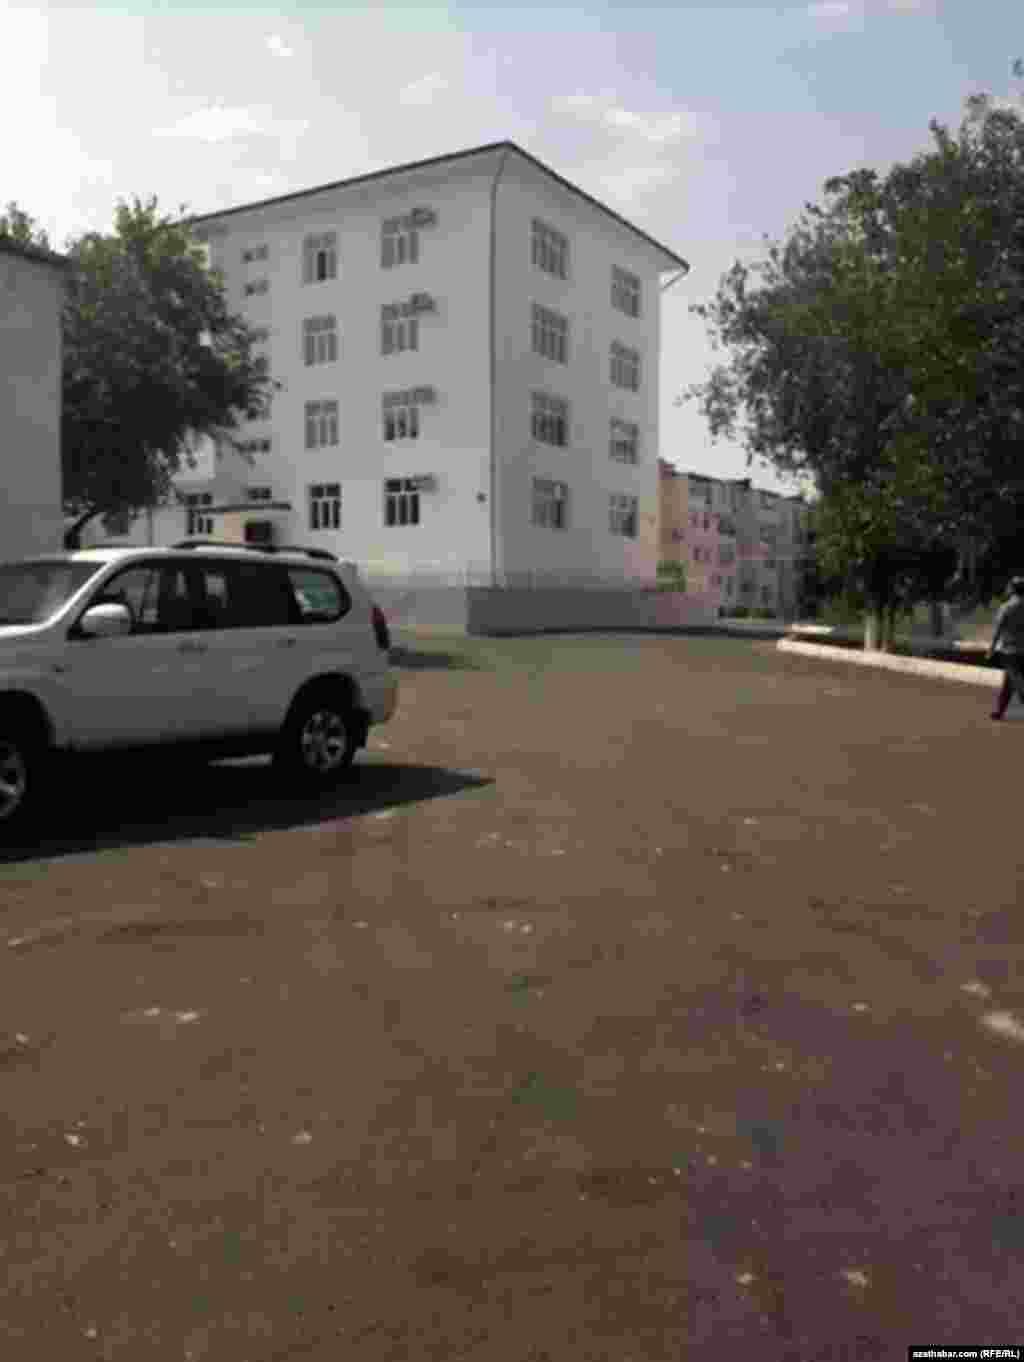 Отремонтированный подъезд жилого дома, пострадавшего во время взрыва 16 июля в Ашхабаде